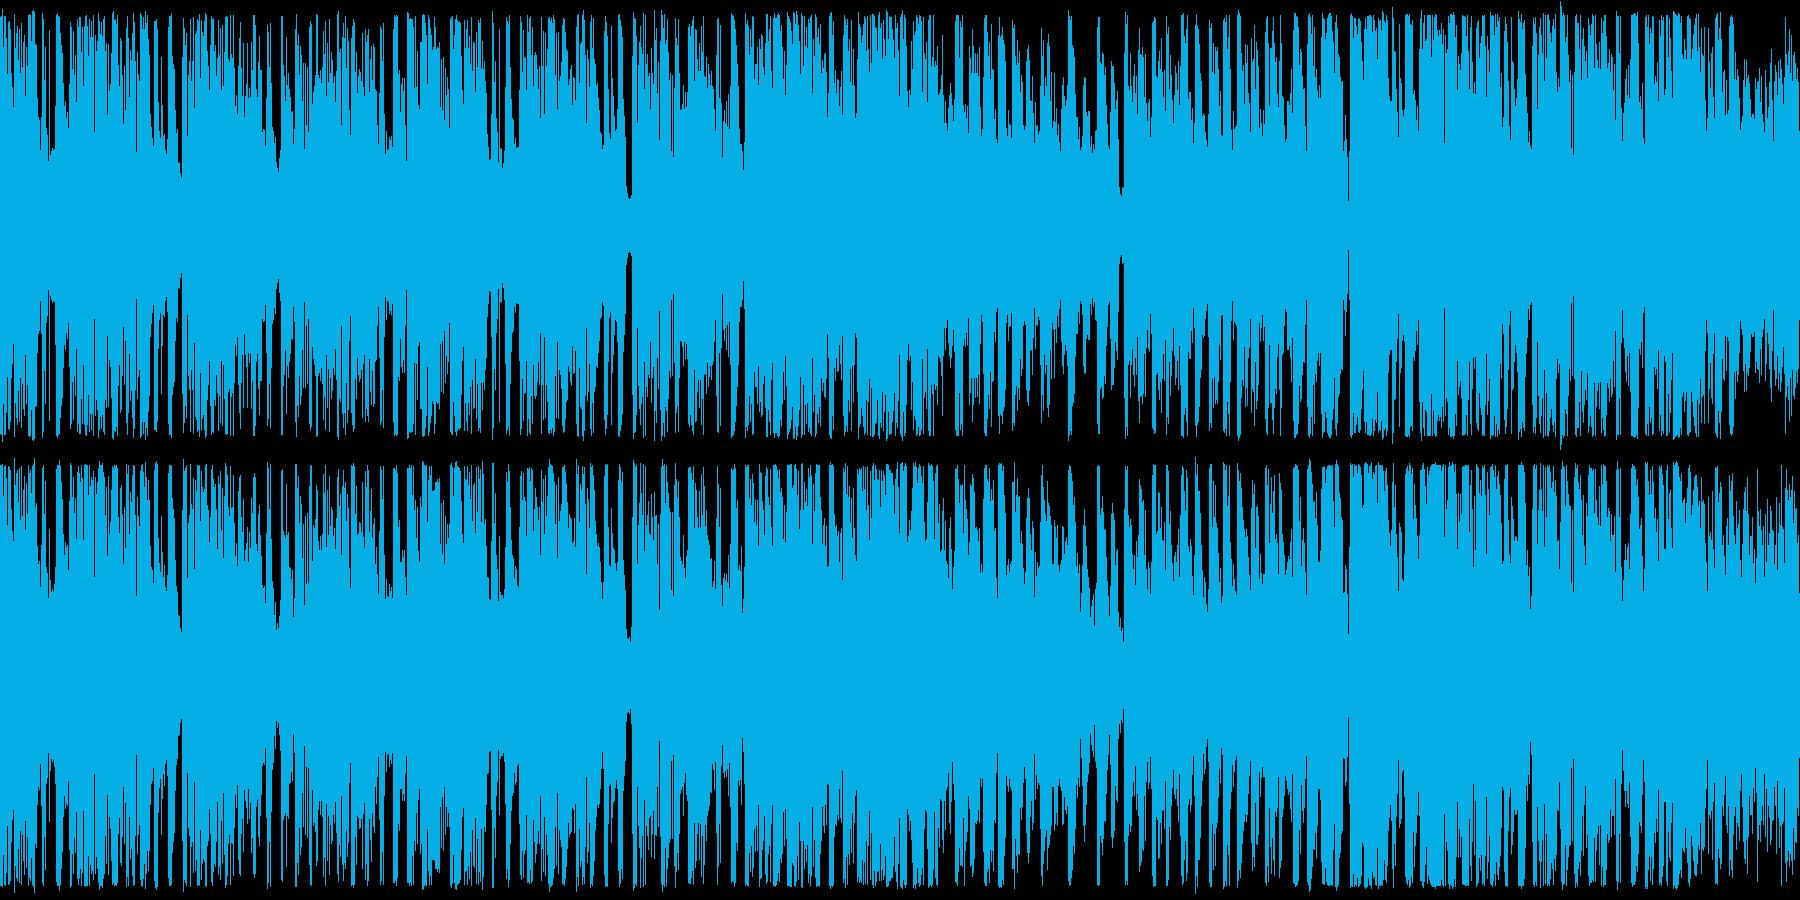 ループ,シューティング,ゲーム用途の再生済みの波形